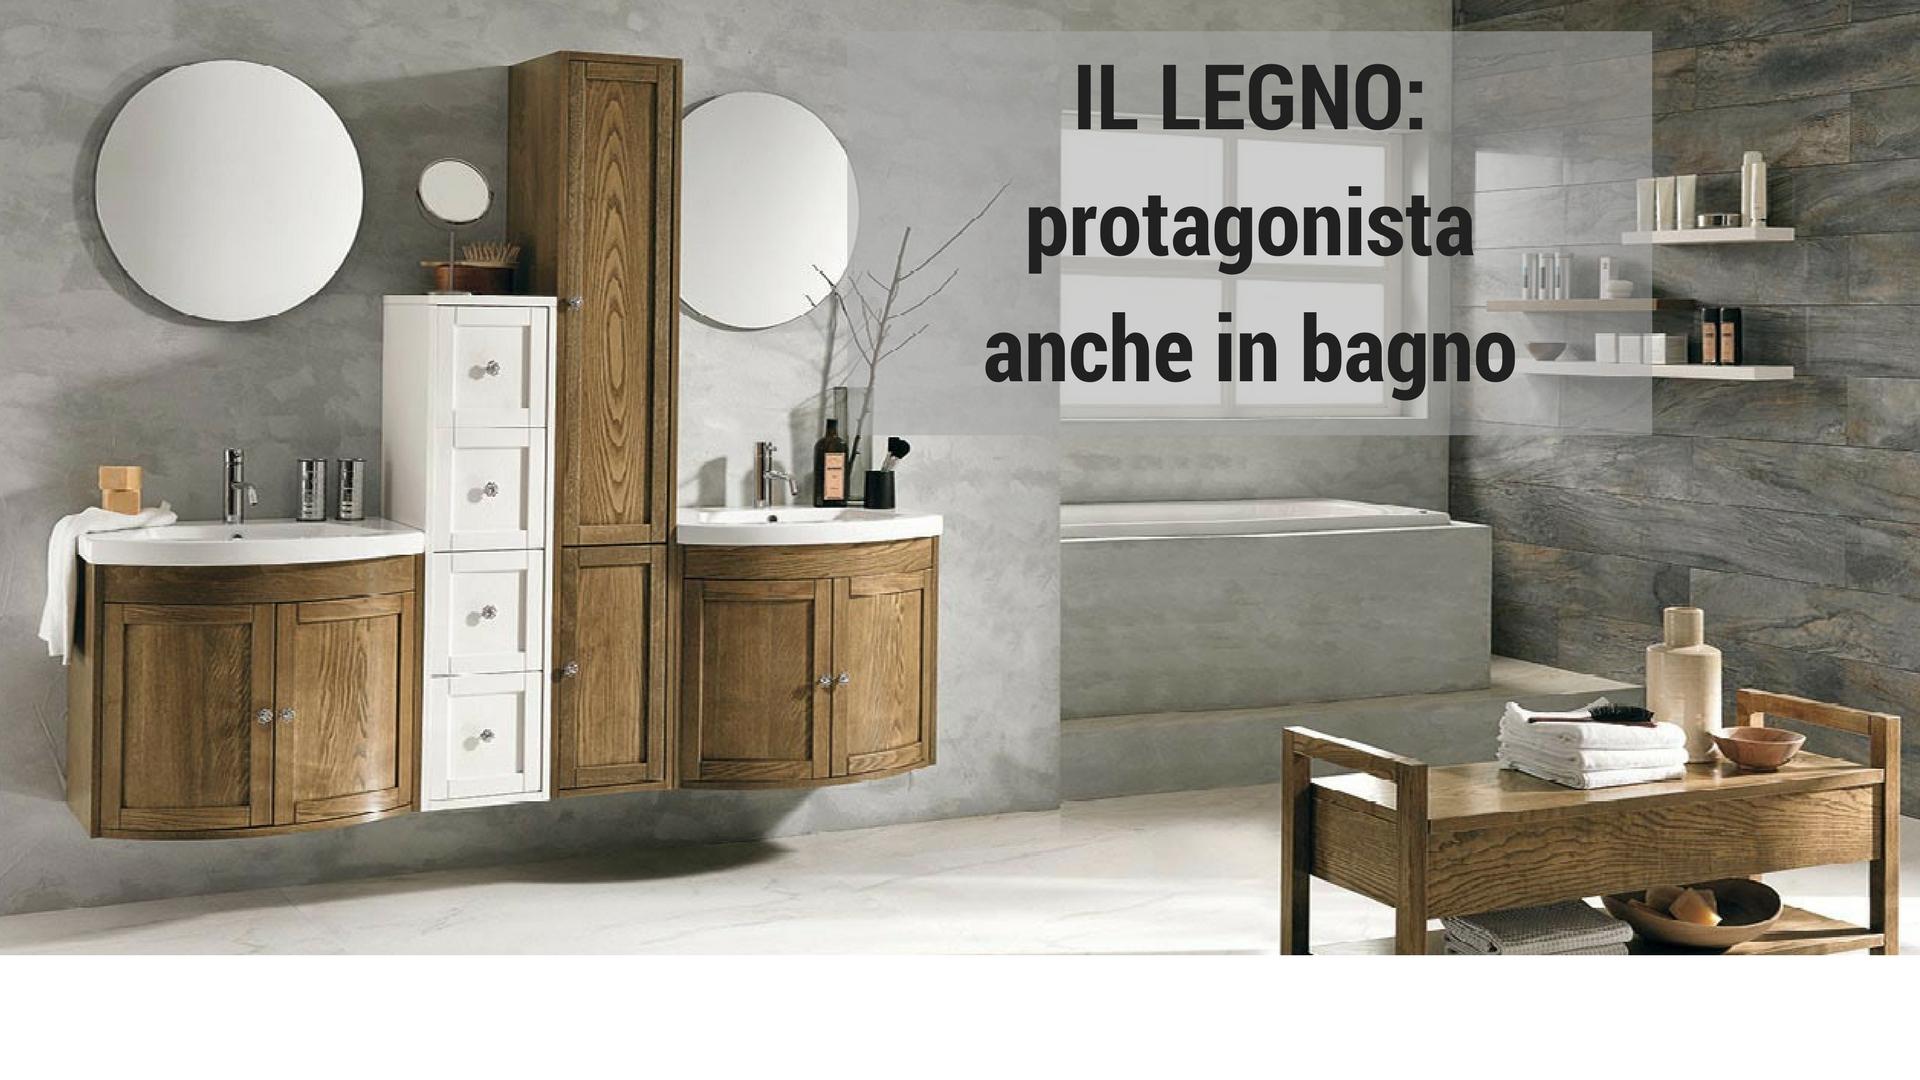 Il legno protagonista anche per l 39 arredo bagno sabia design center - Accessori per bagno in legno ...